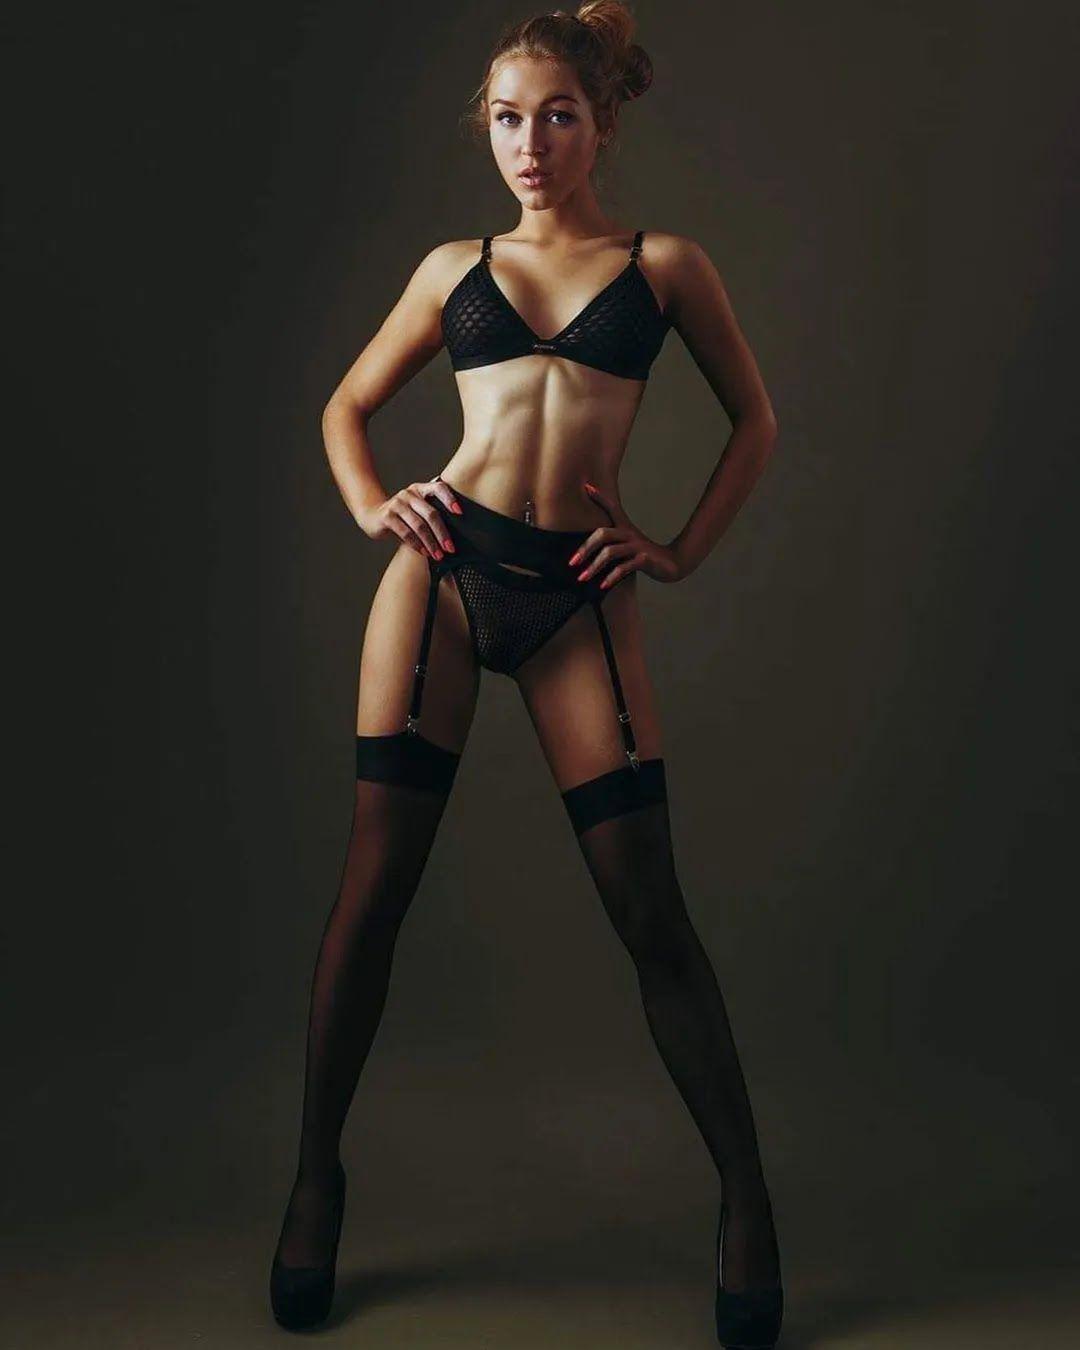 Николь Дентодриа в черном белье